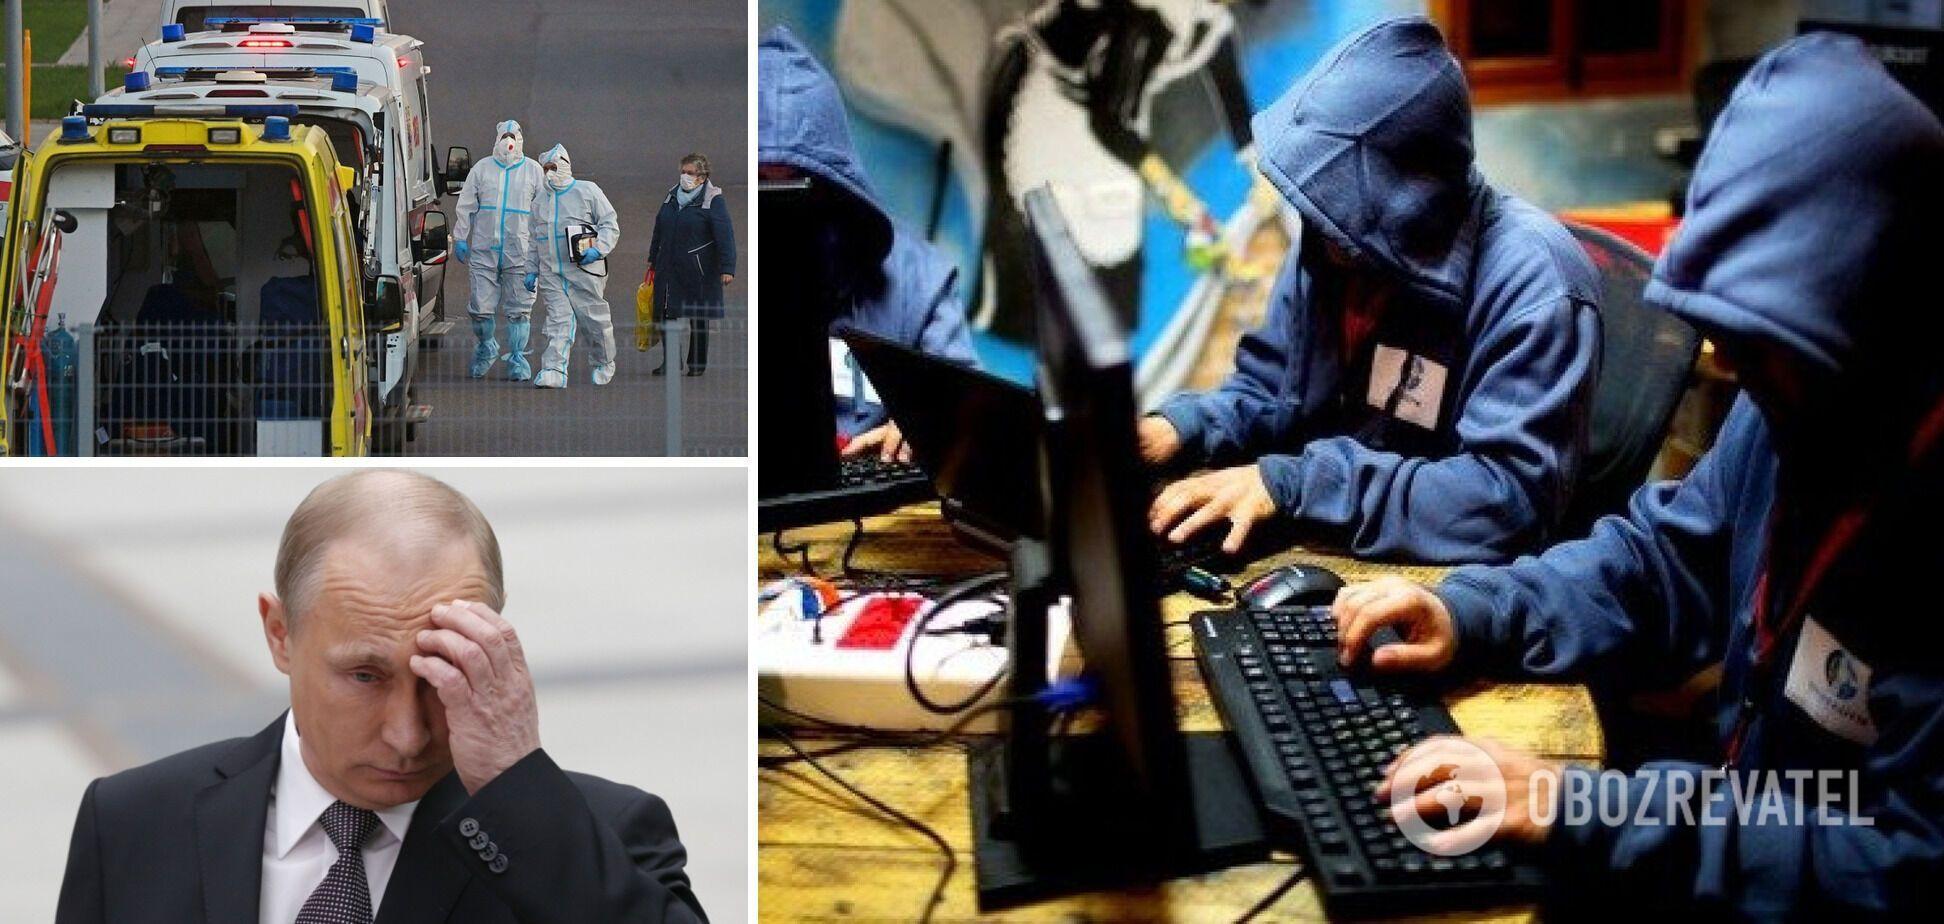 Вселенная – не фраер: как Россия расплачивается за антивакцинальную пропаганду